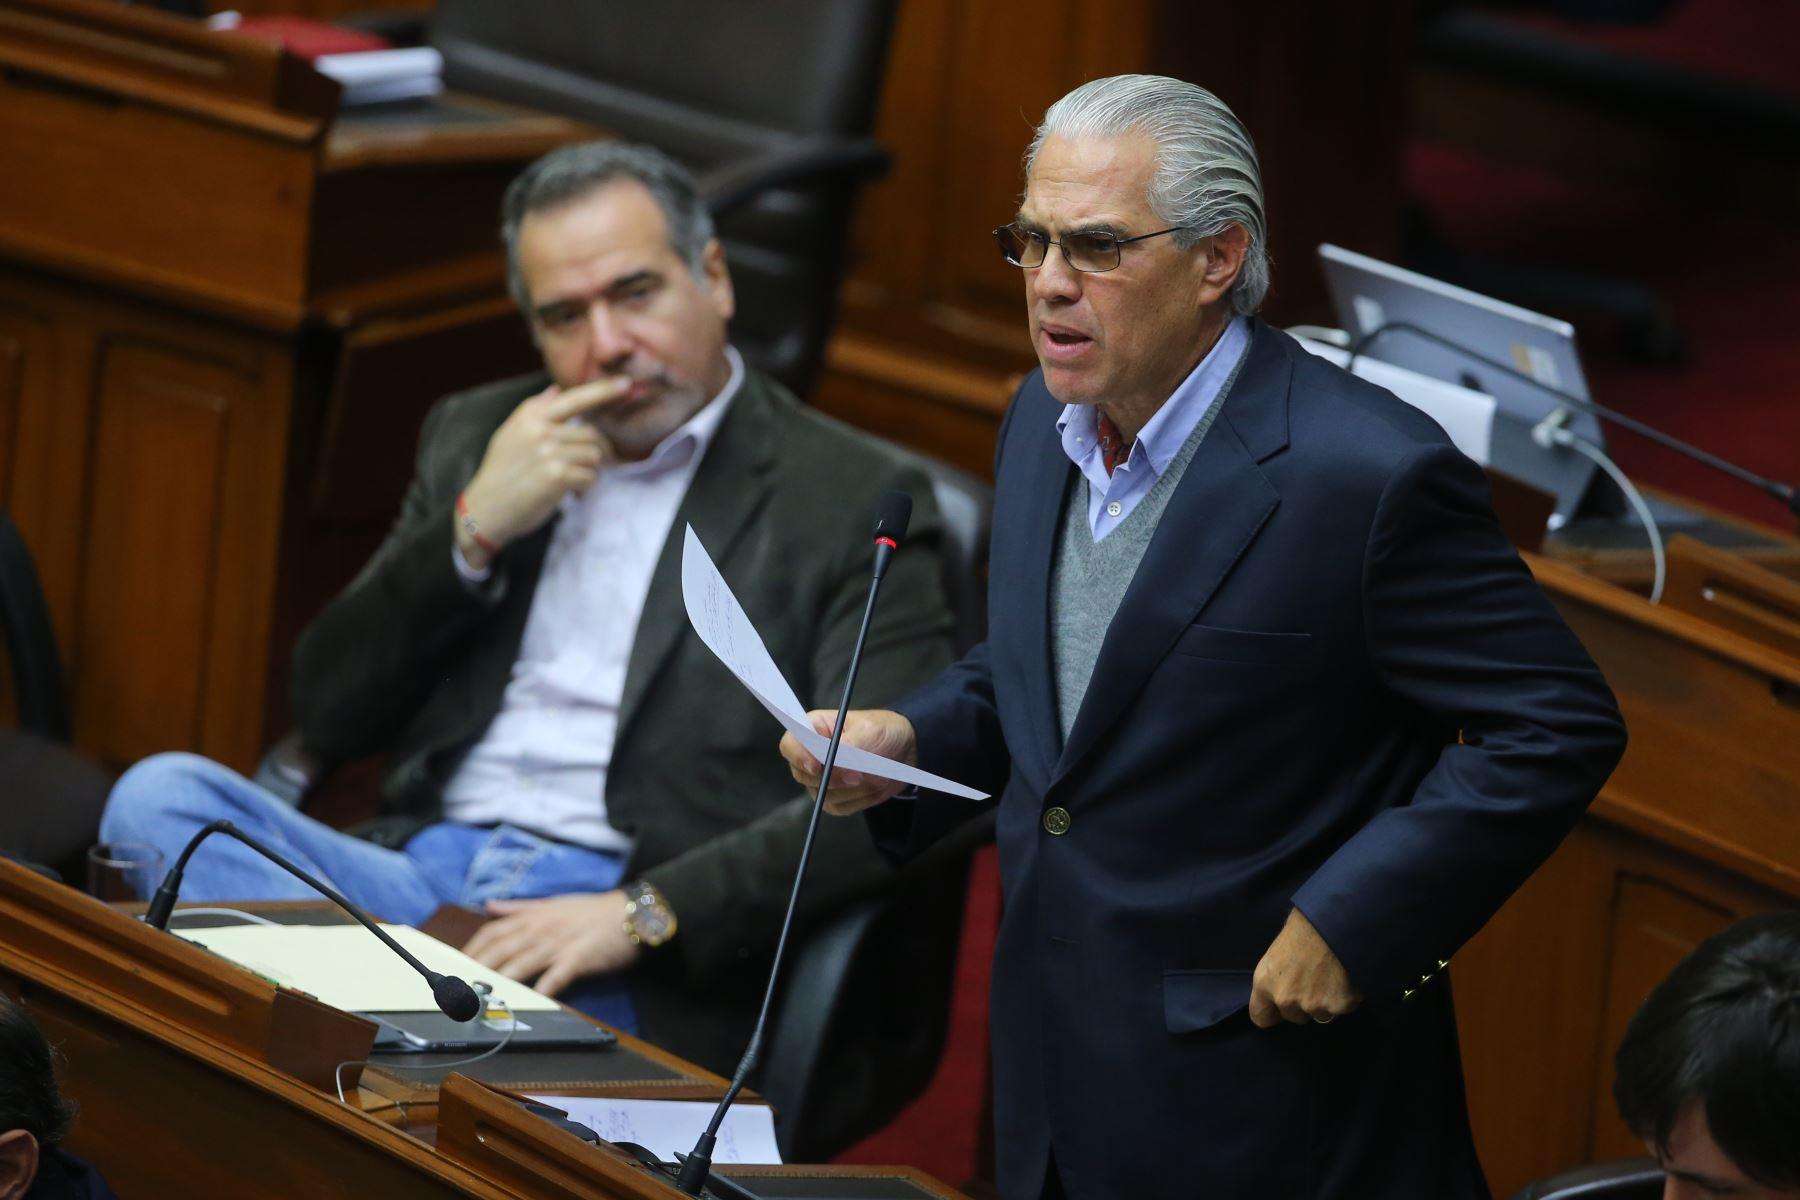 Congresista Gino Costa  interviene en el debate sobre la cuestión de confianza en el Congreso de la República. Foto: ANDINA/Vidal Tarqui